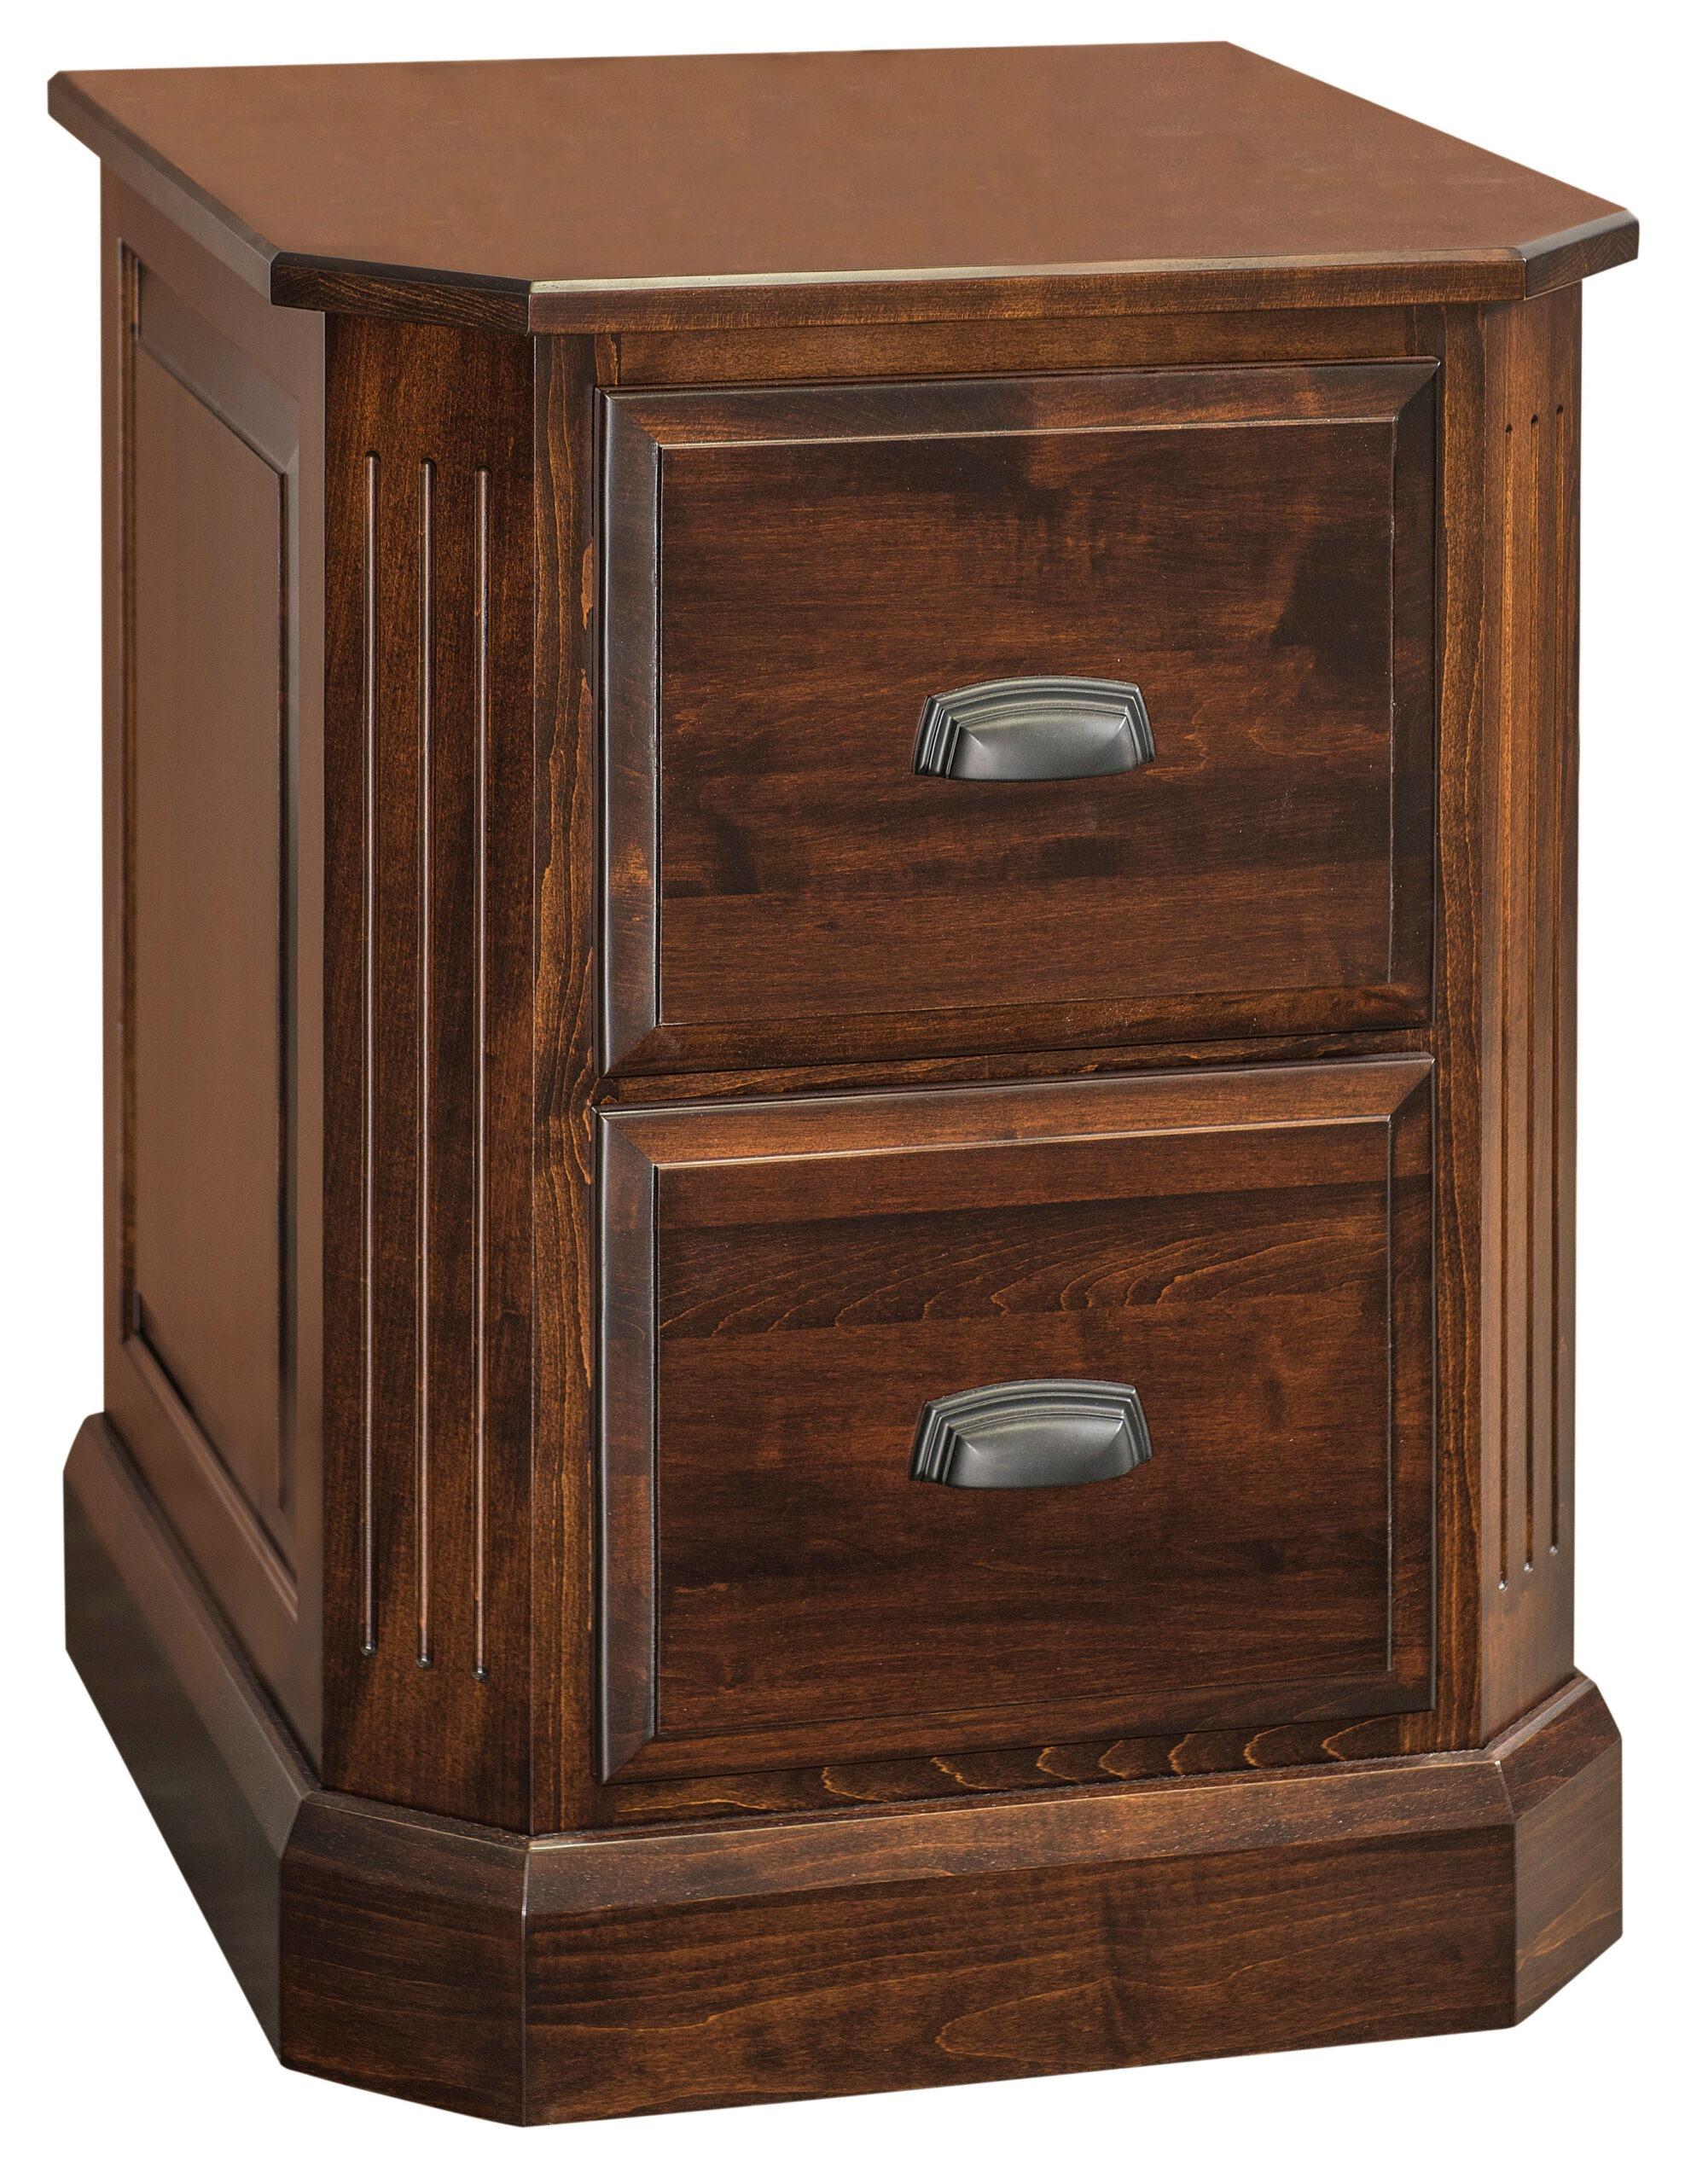 Classic Saturn File Cabinet [LA-2073]